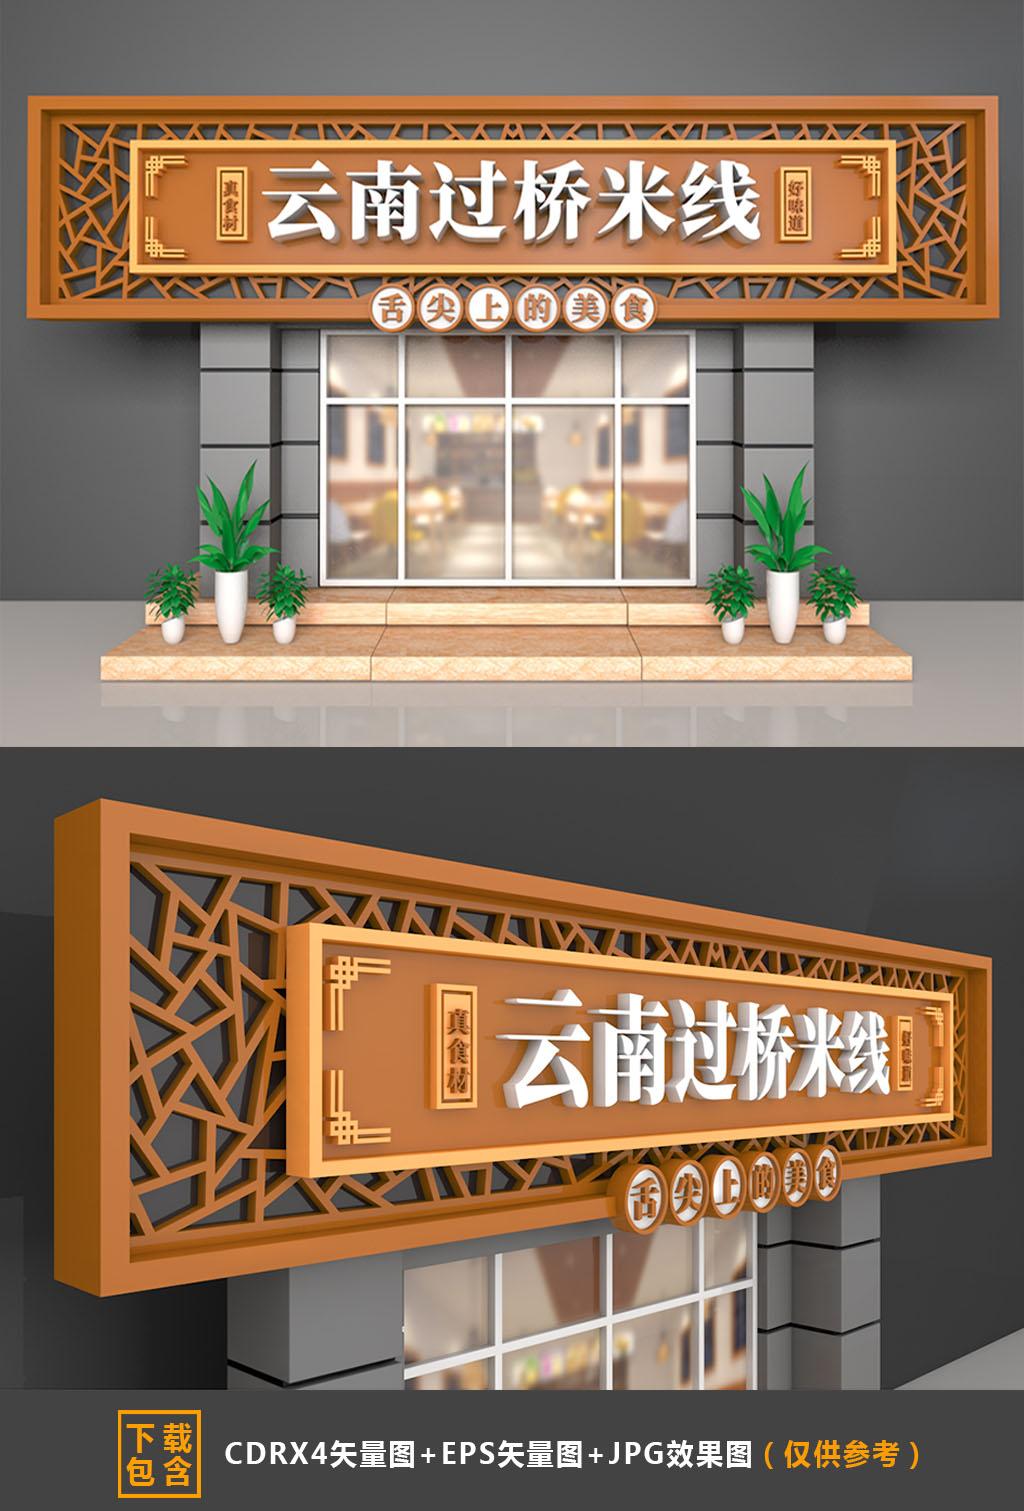 大型3D立体中式云南过桥米线门头招牌源文件插图